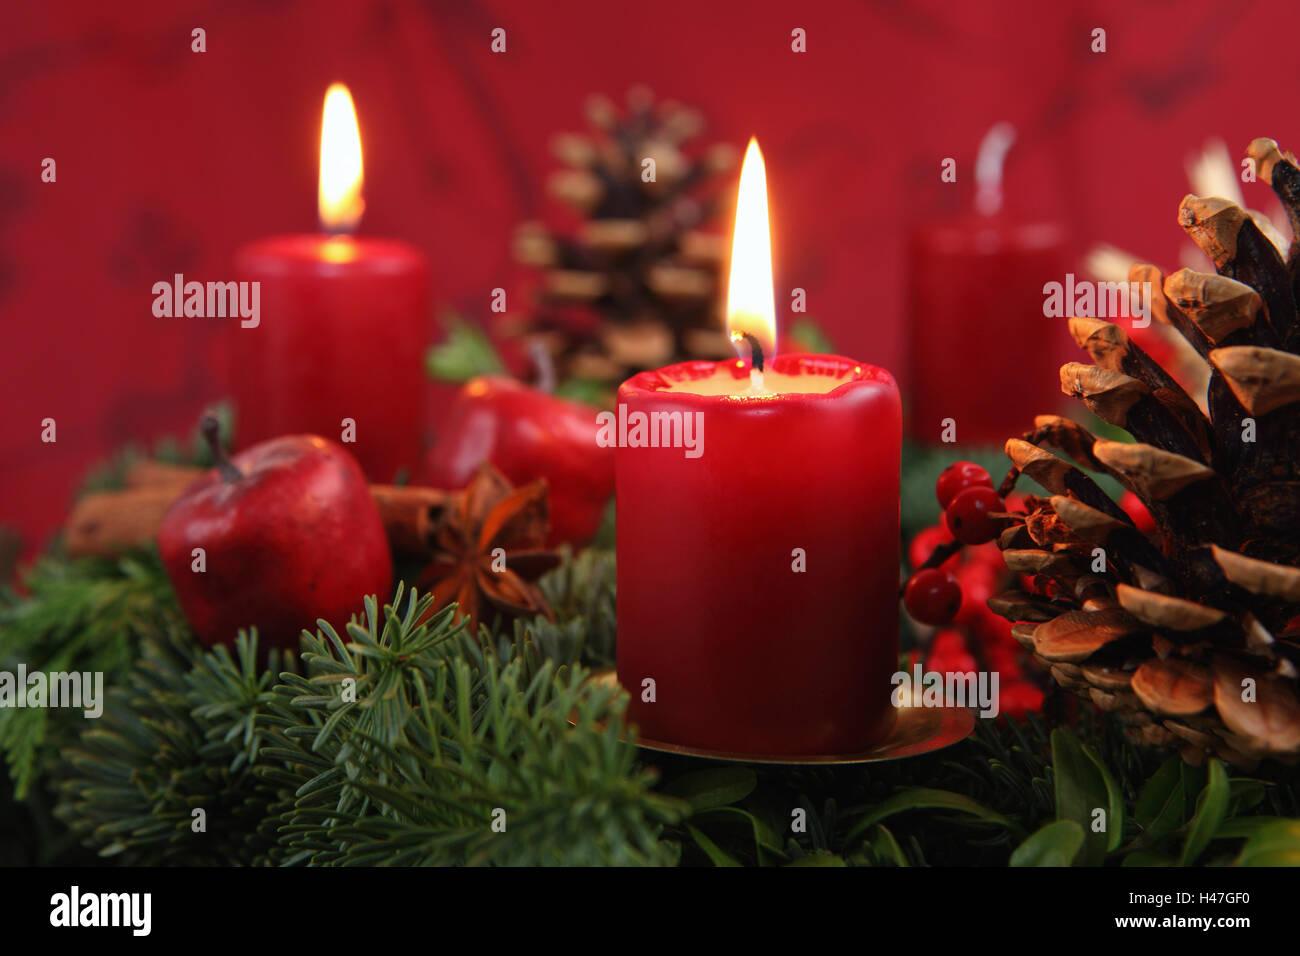 Adventskranz 2 Kerzen